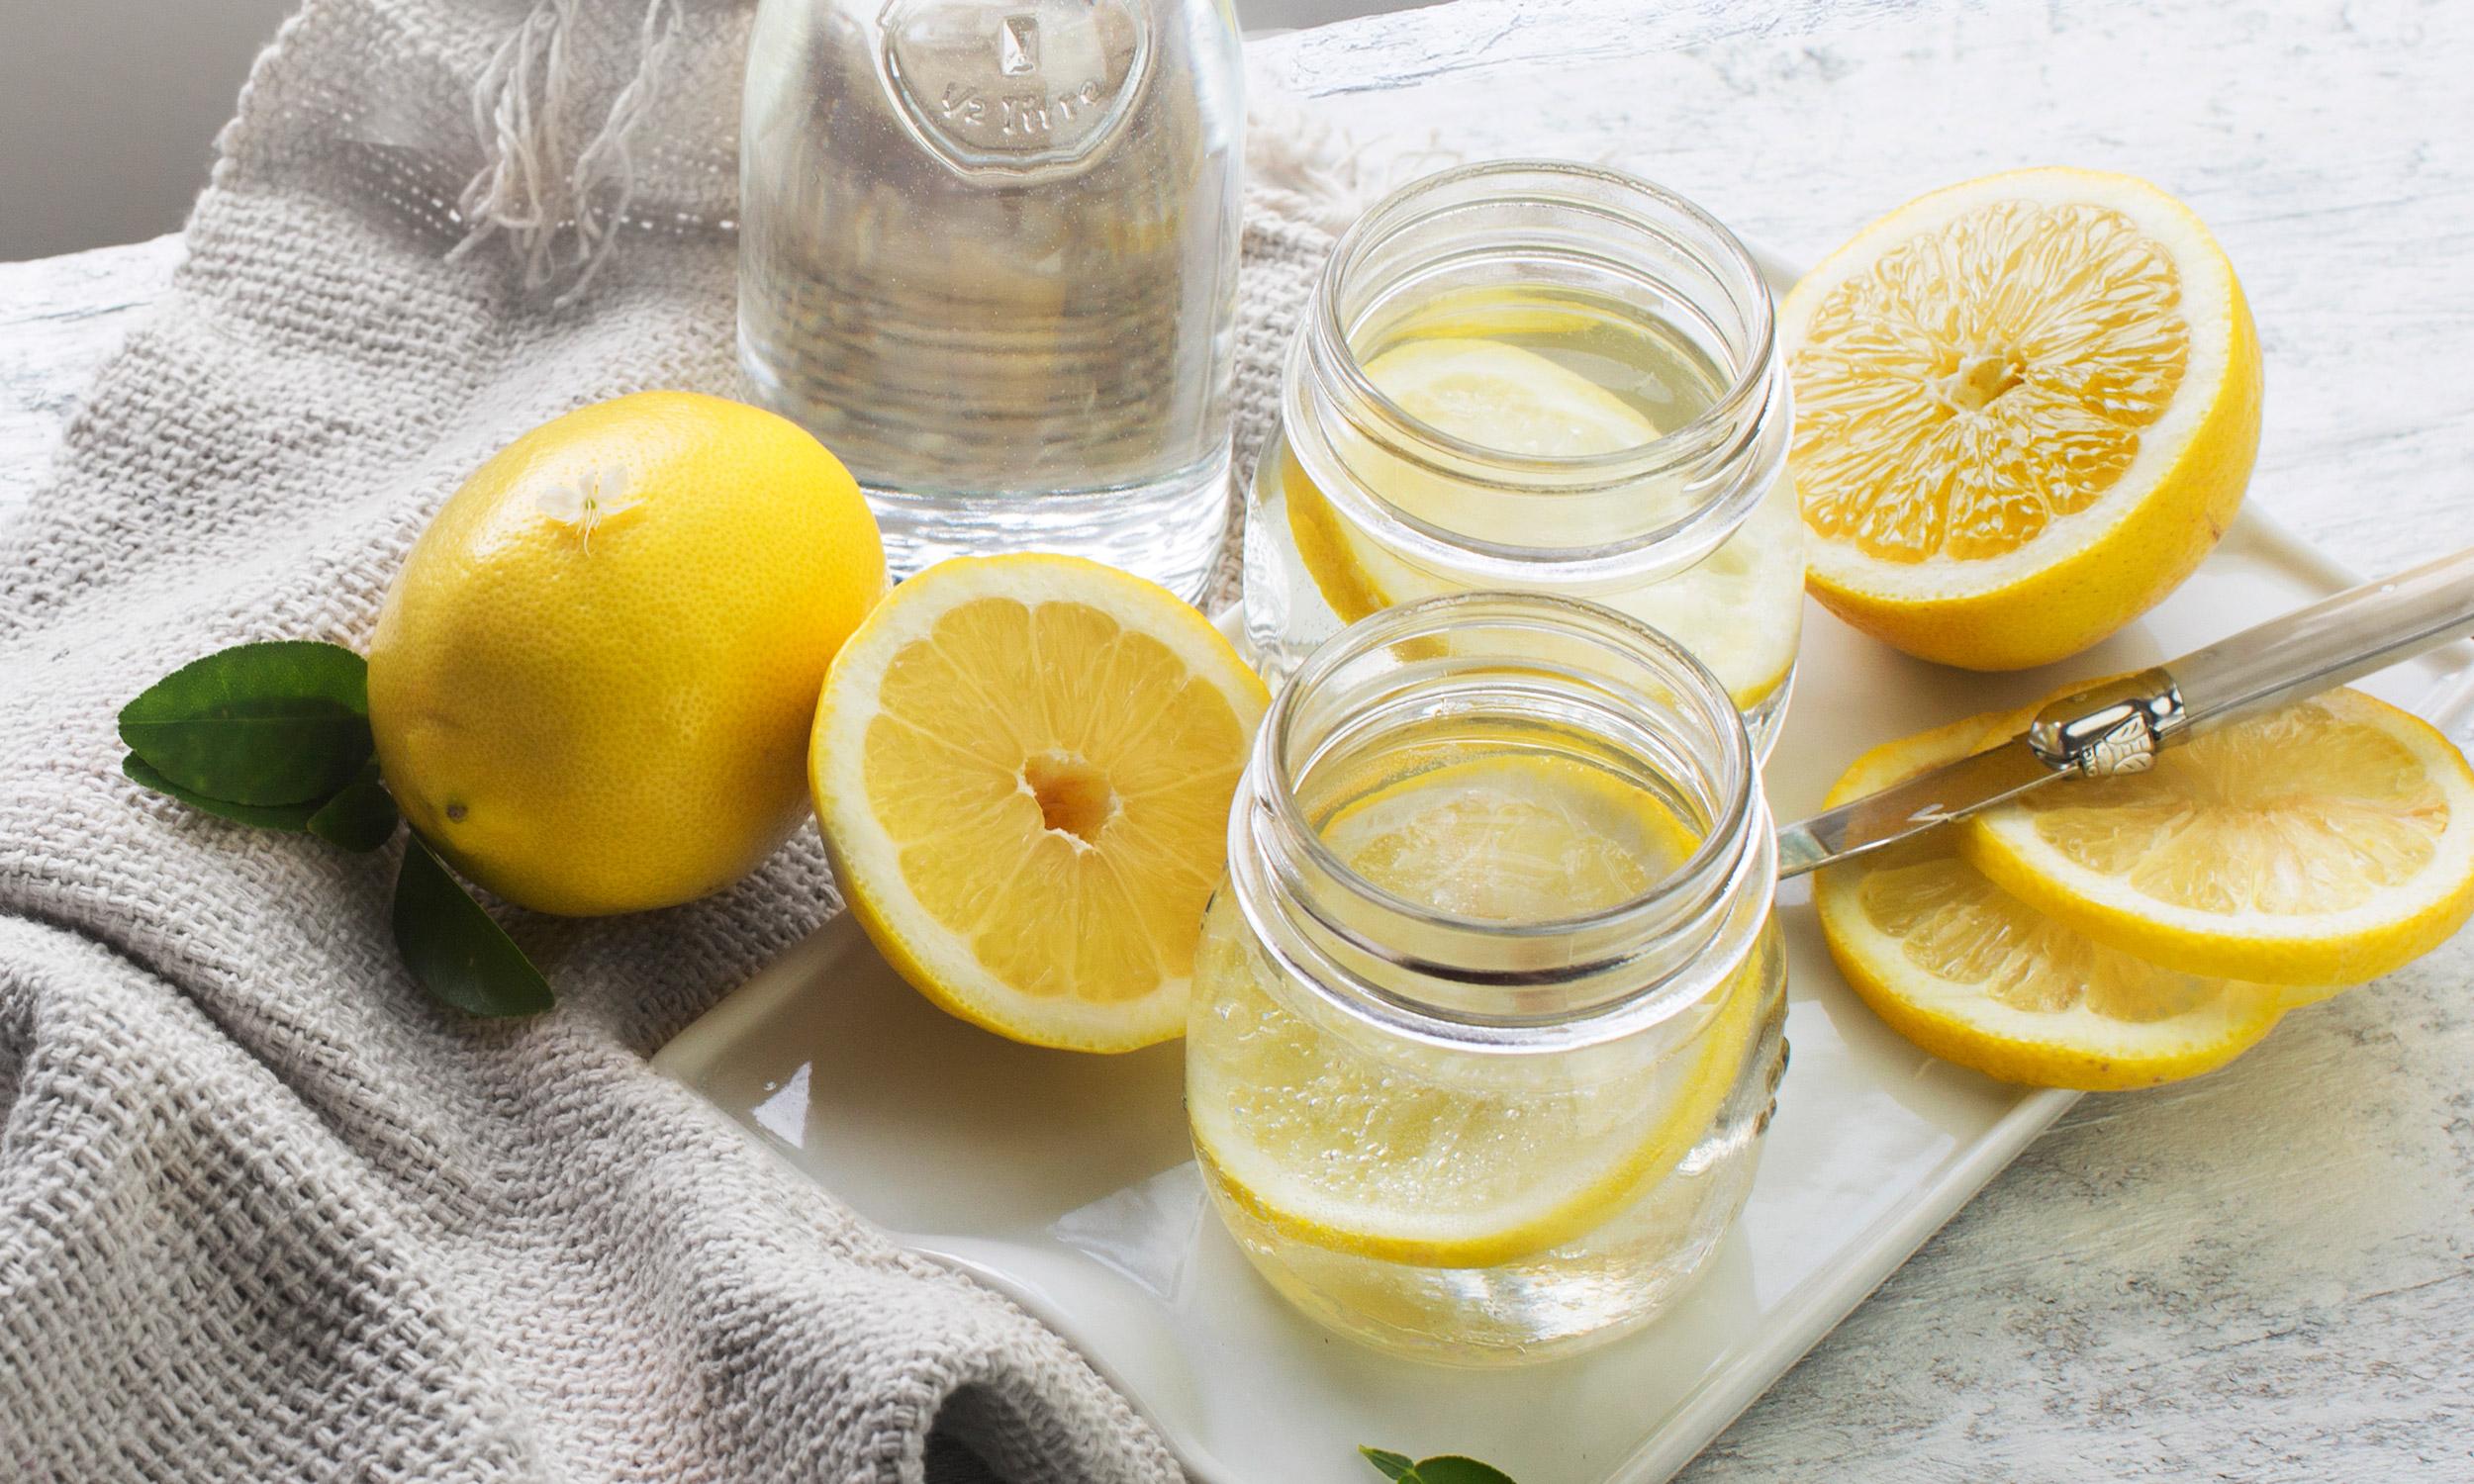 8 причин ежедневно принимать воду с лимоном и медом. почему вода с лимоном и медом полезна?